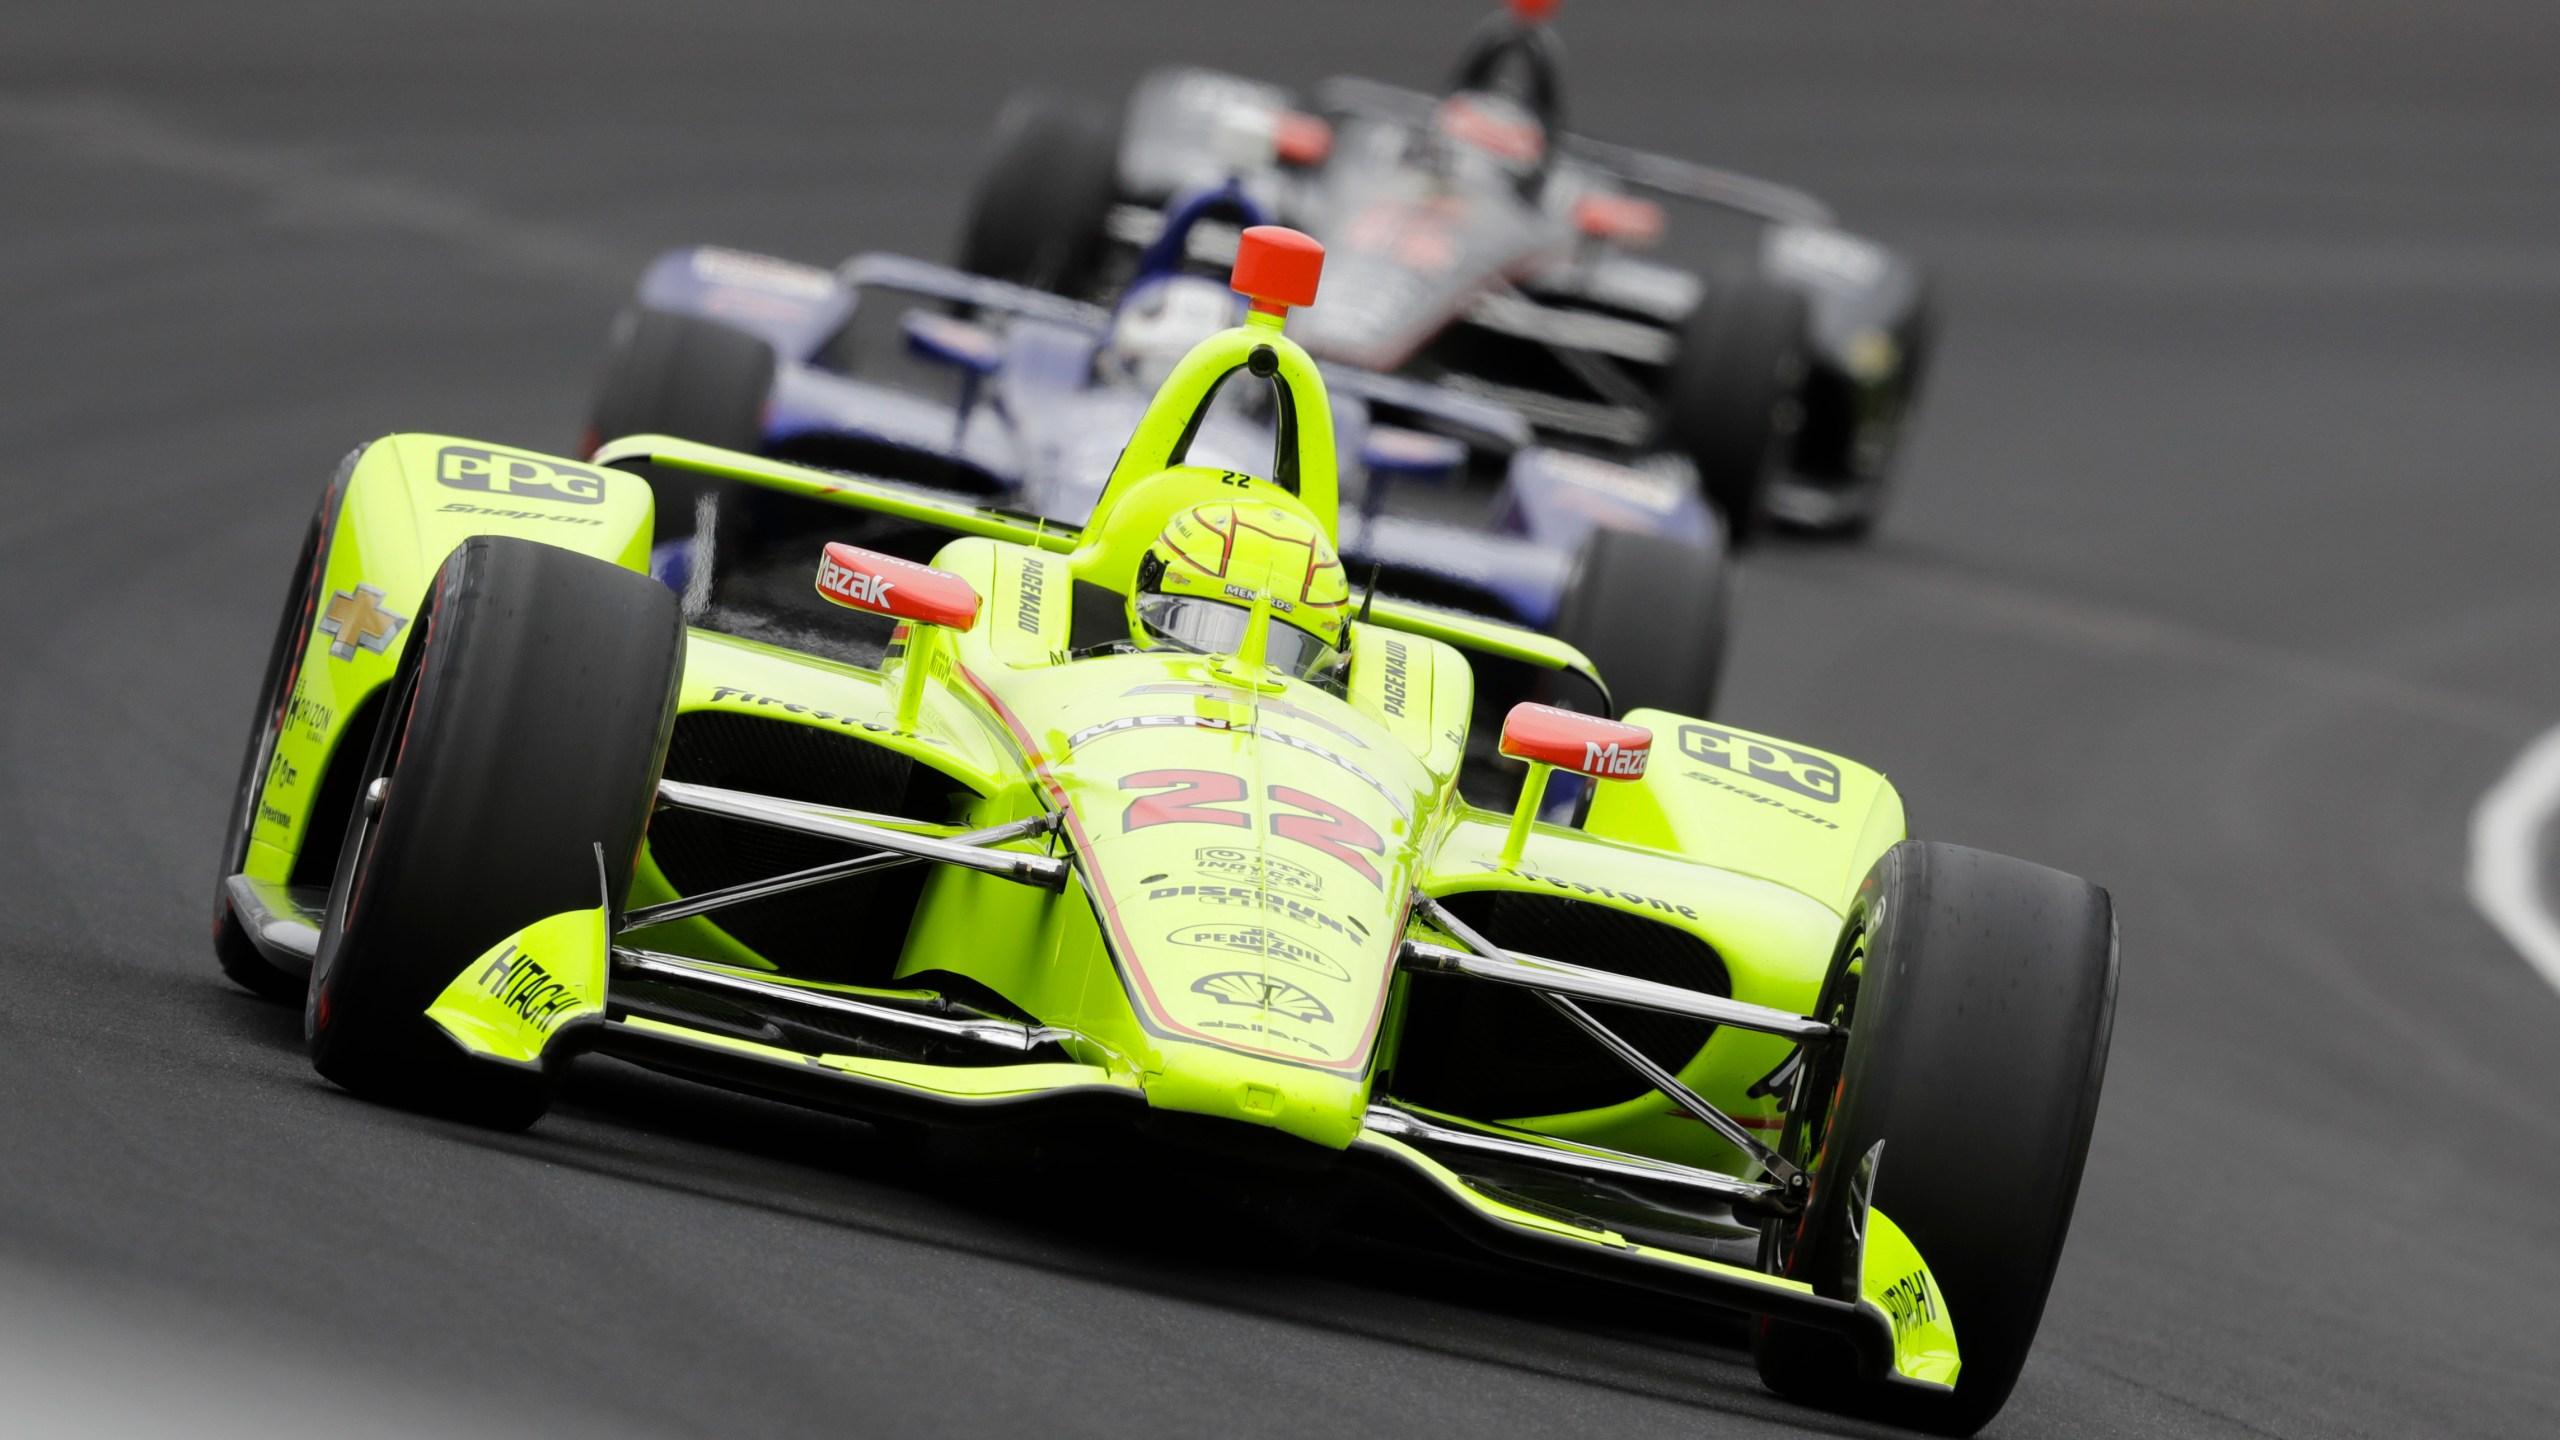 IndyCar Indy 500 Auto Racing_1558897659648-873774424